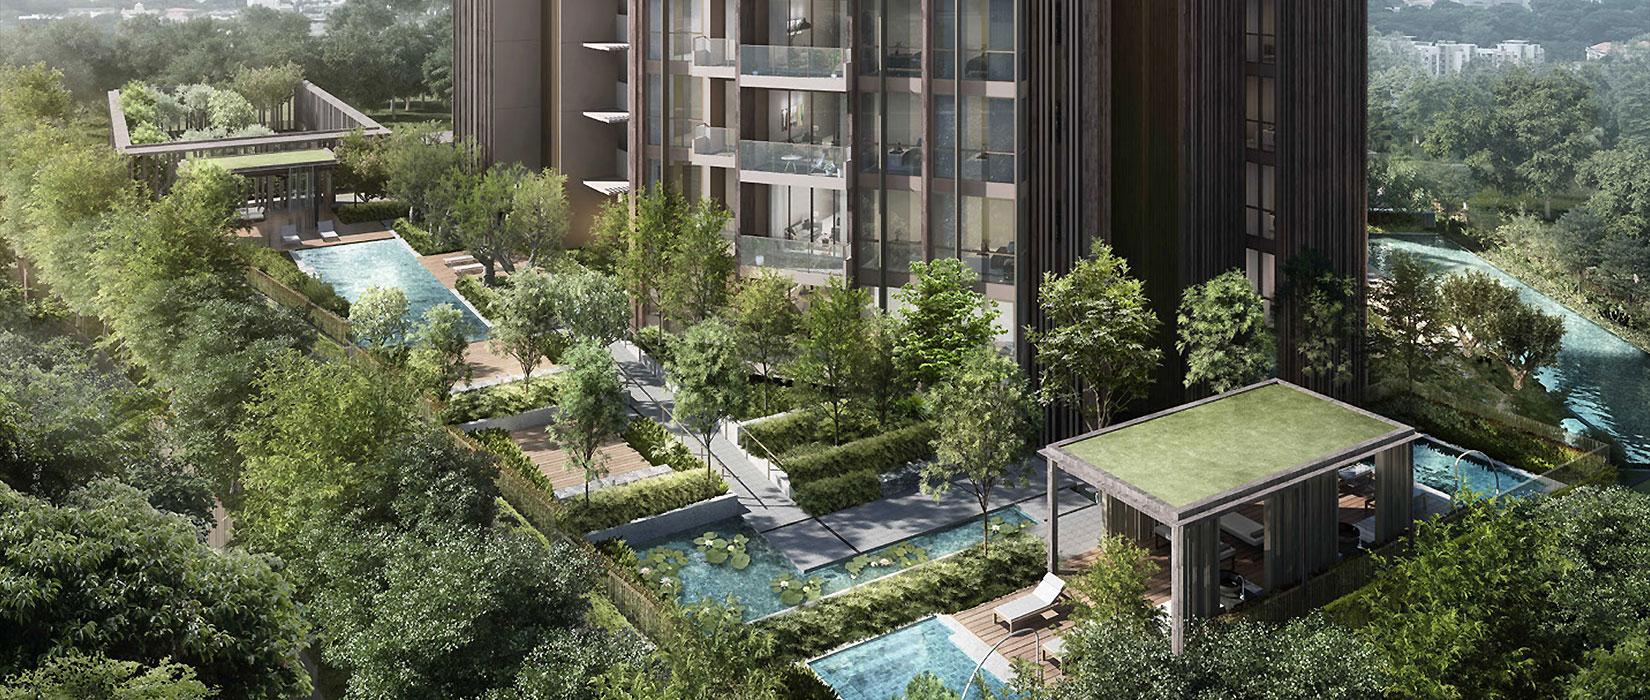 The-Avenir-Facade2-Singapore